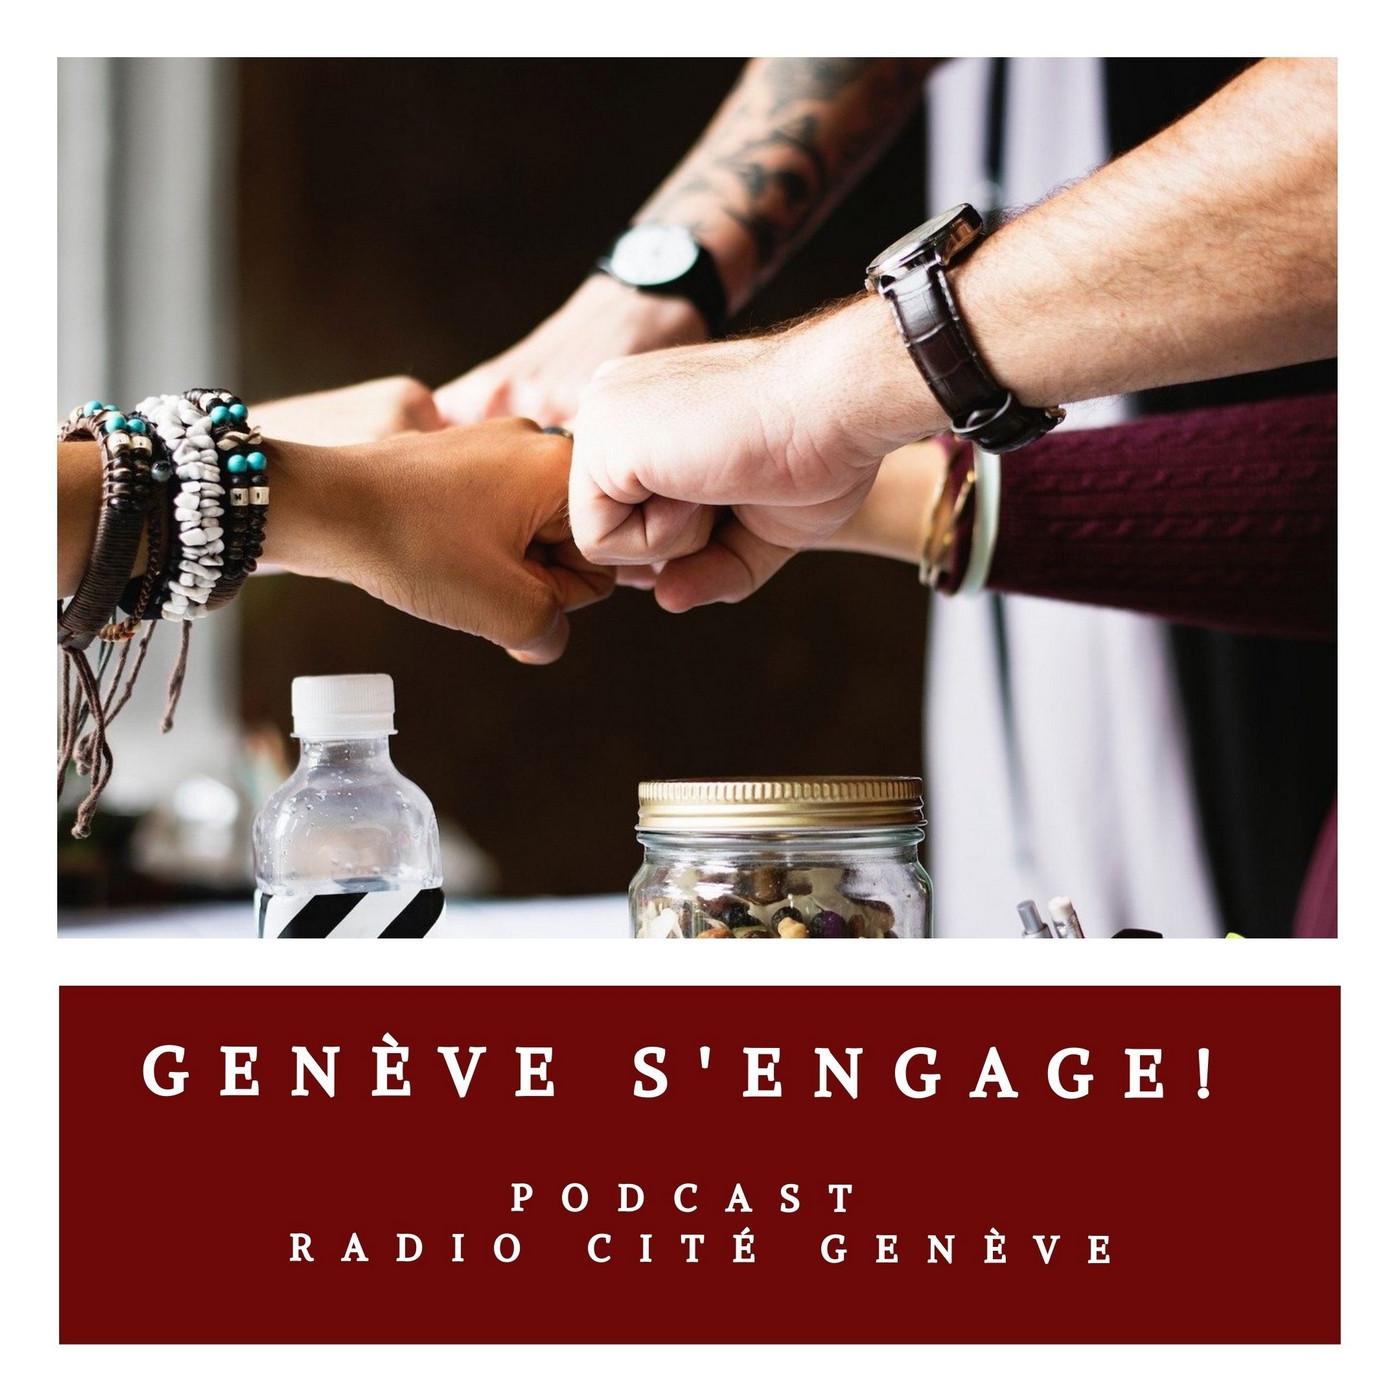 13/10/2020 -  Genève s'engage pour la promotion de la littérature romande